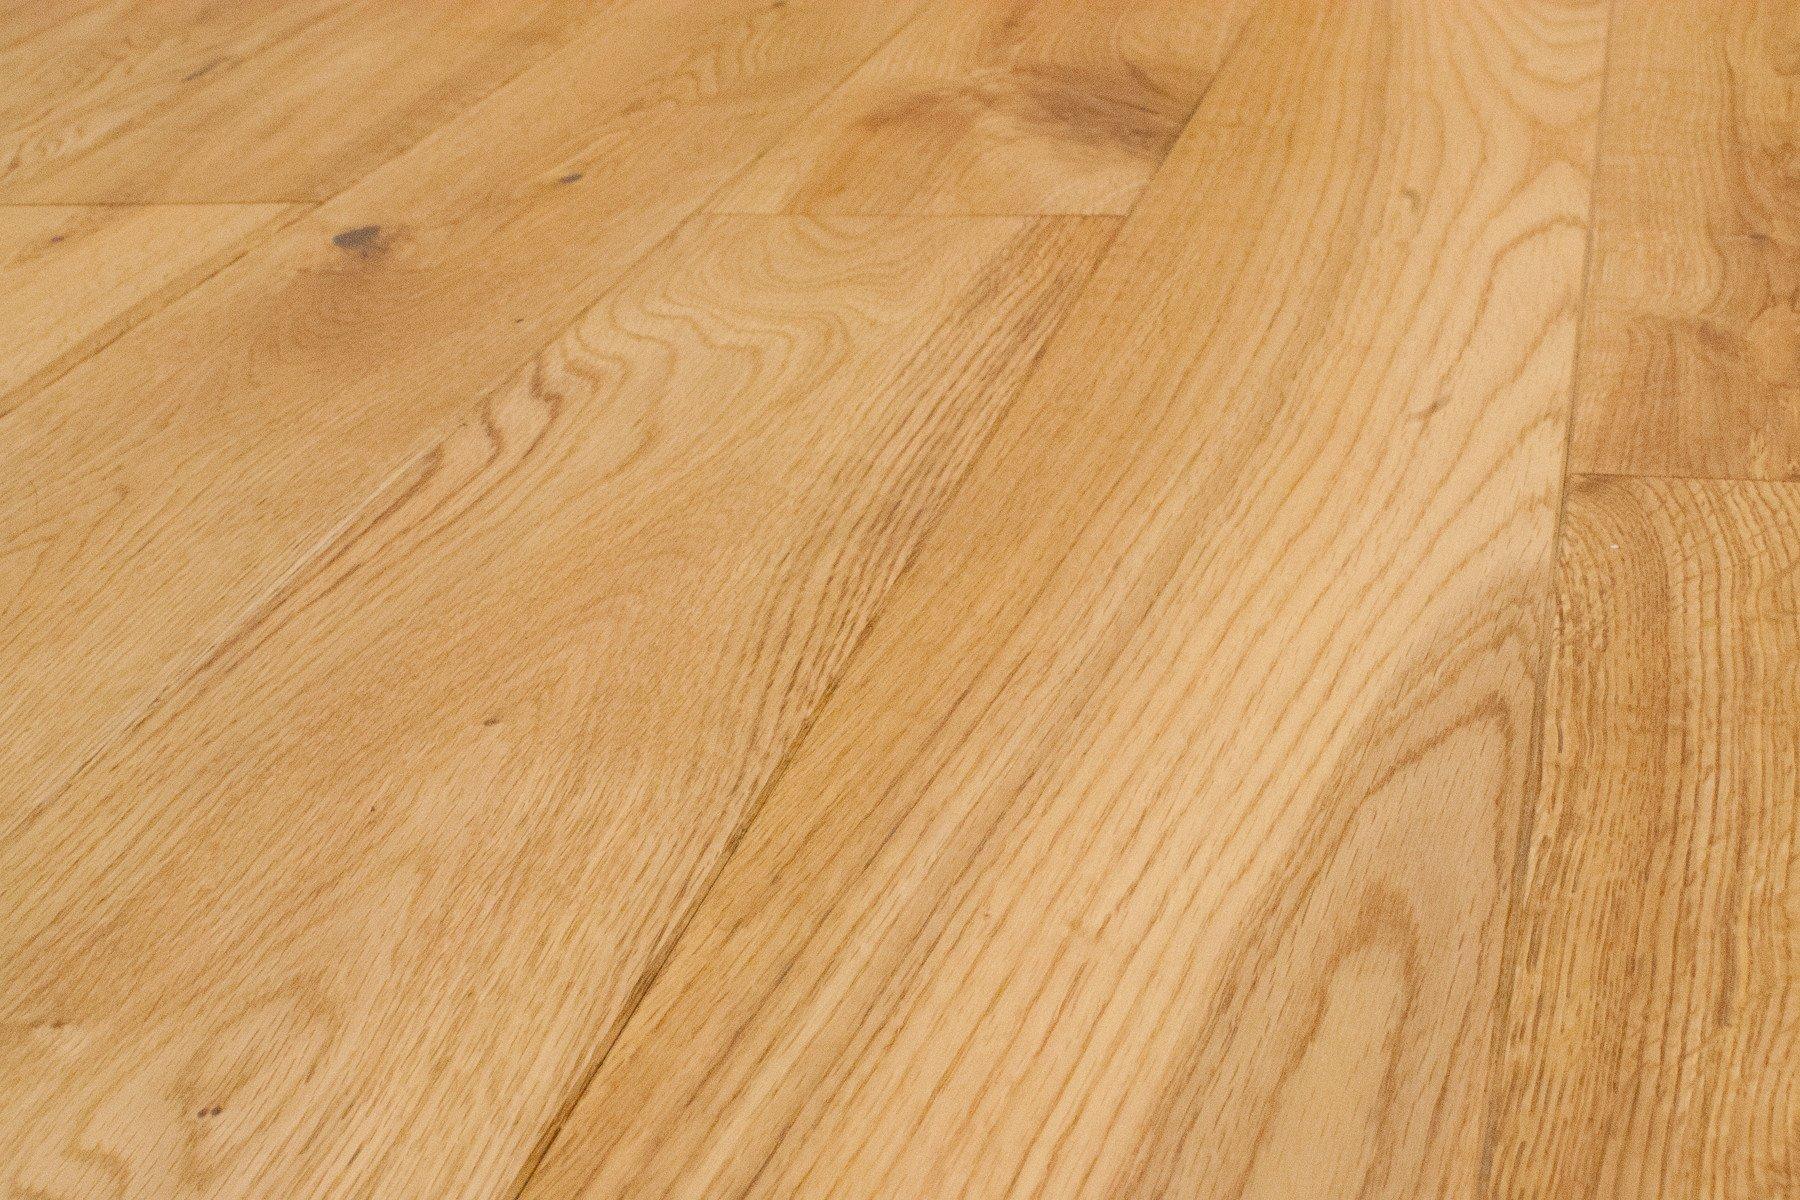 solid hardwood floor natural oak - solid white oak floating hardwood floor, easyclip easy clip - RTPDQUU